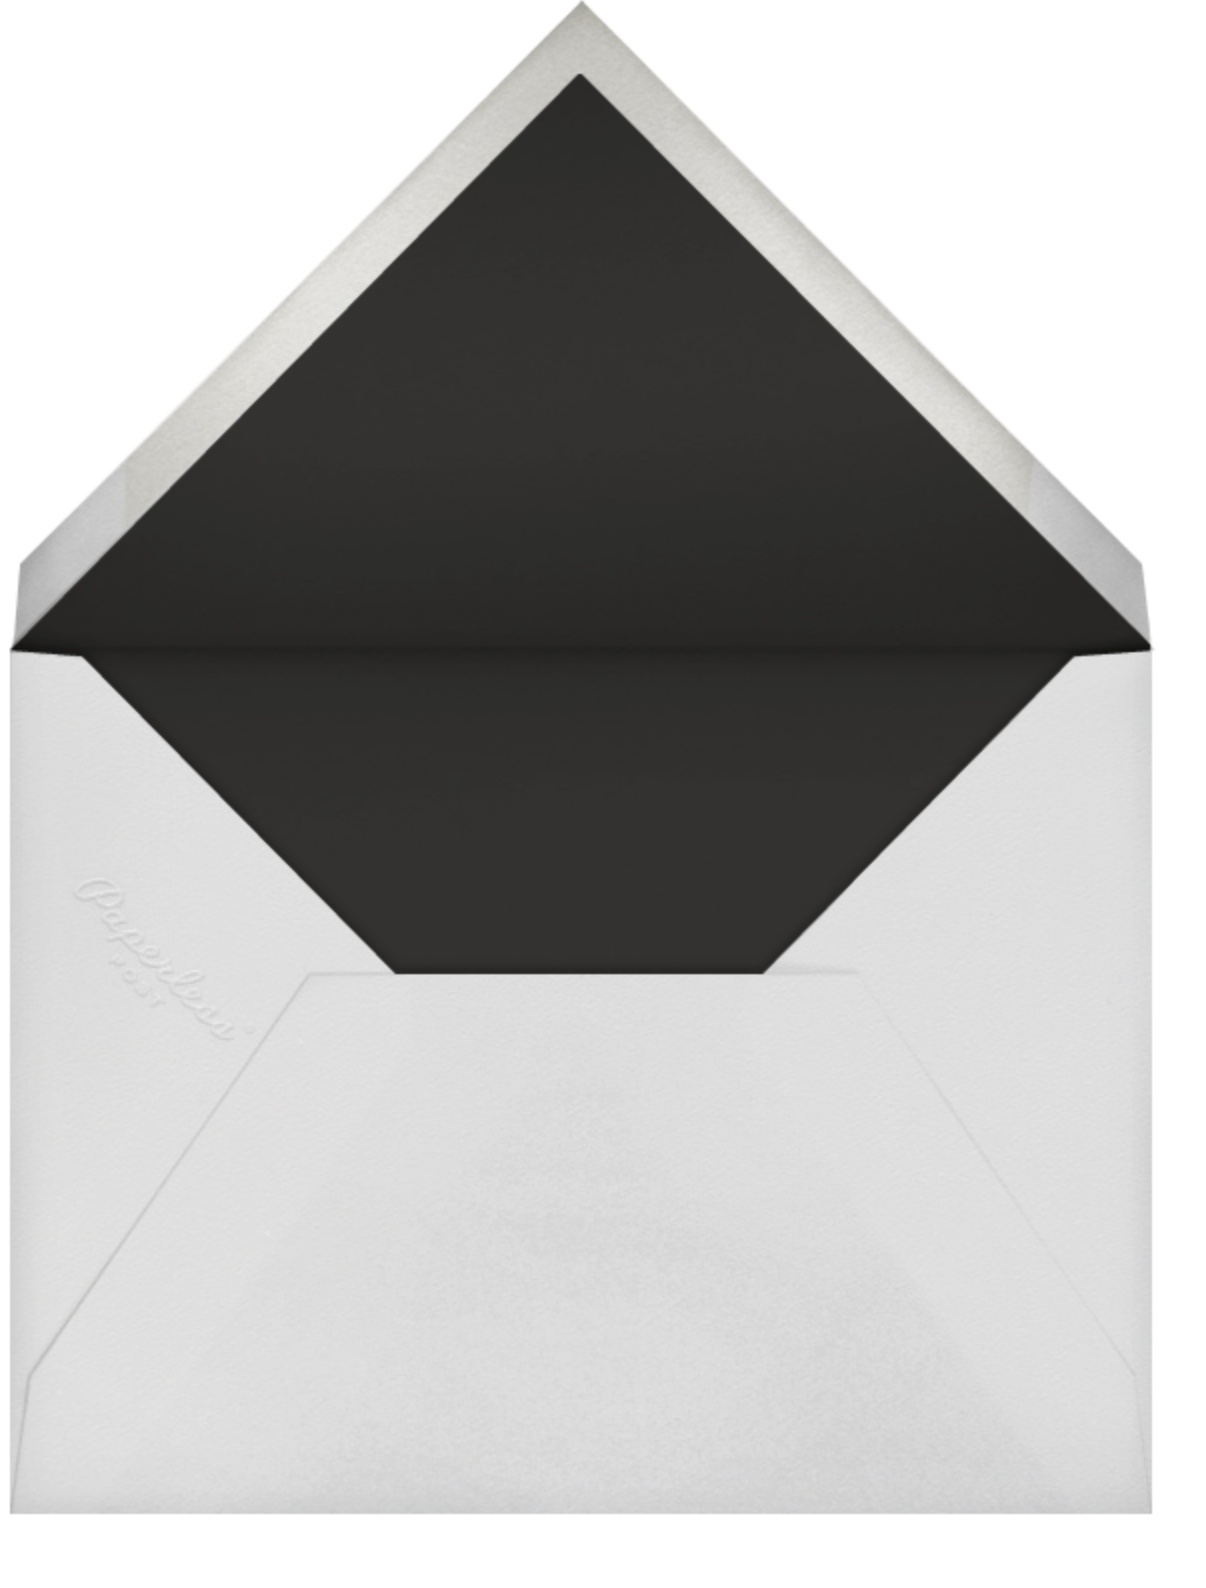 Pop Carnation (Stationery) - Oscar de la Renta - Wedding - envelope back